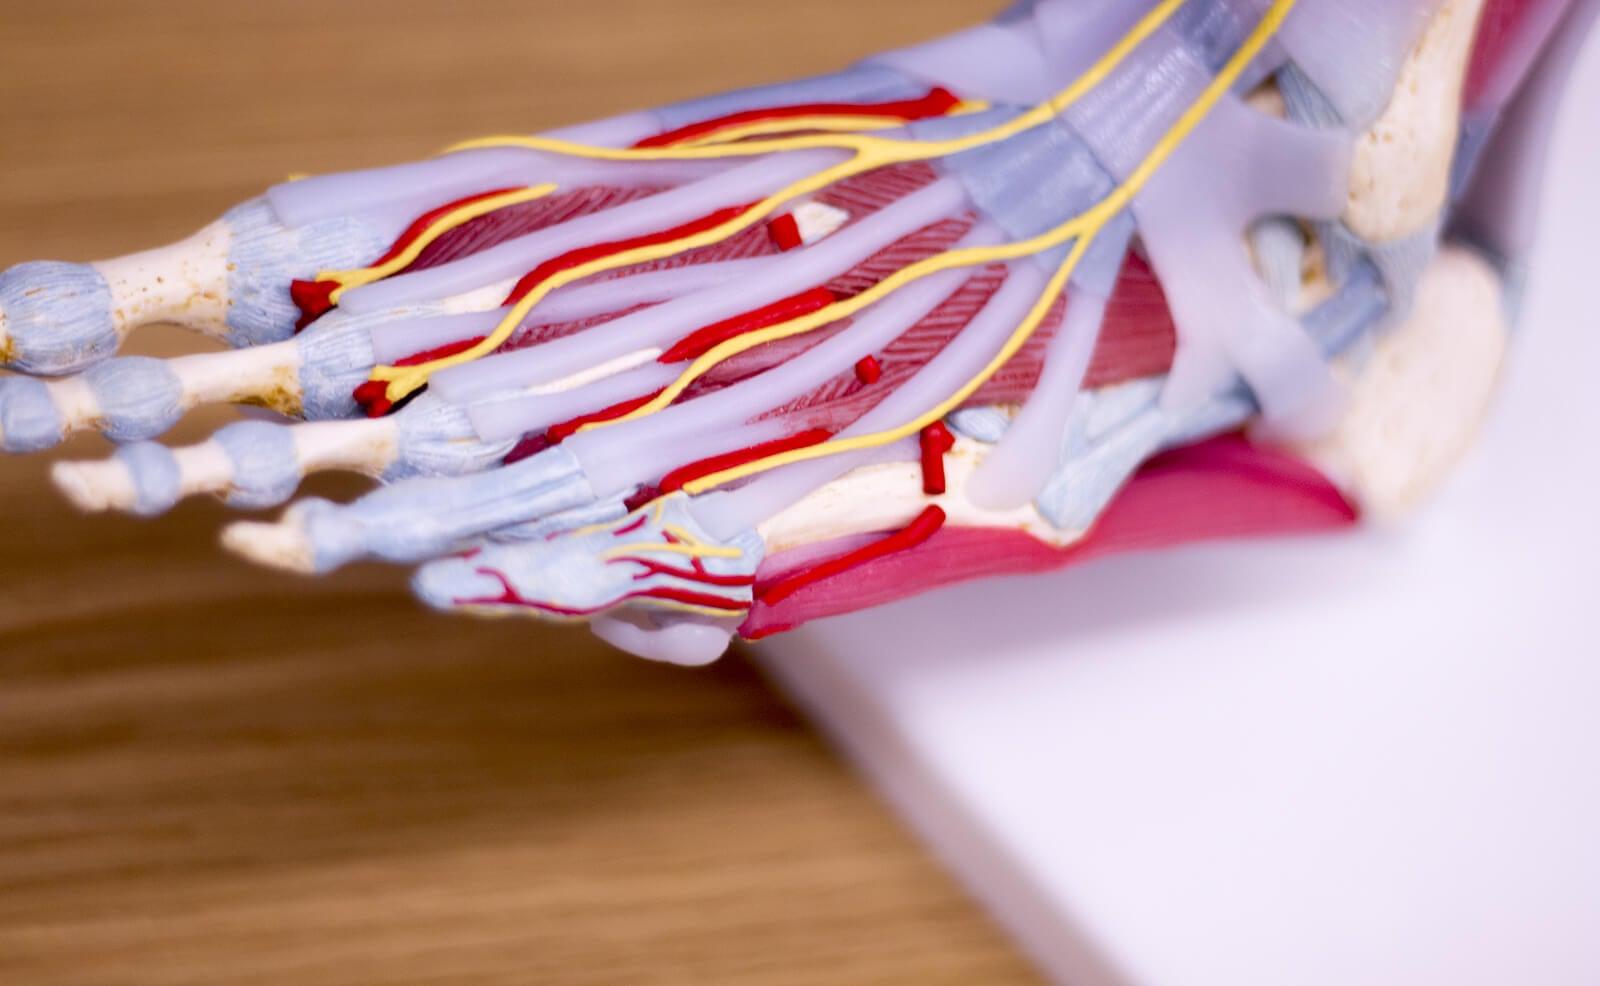 Tendones, venas y ligamentos del pie.